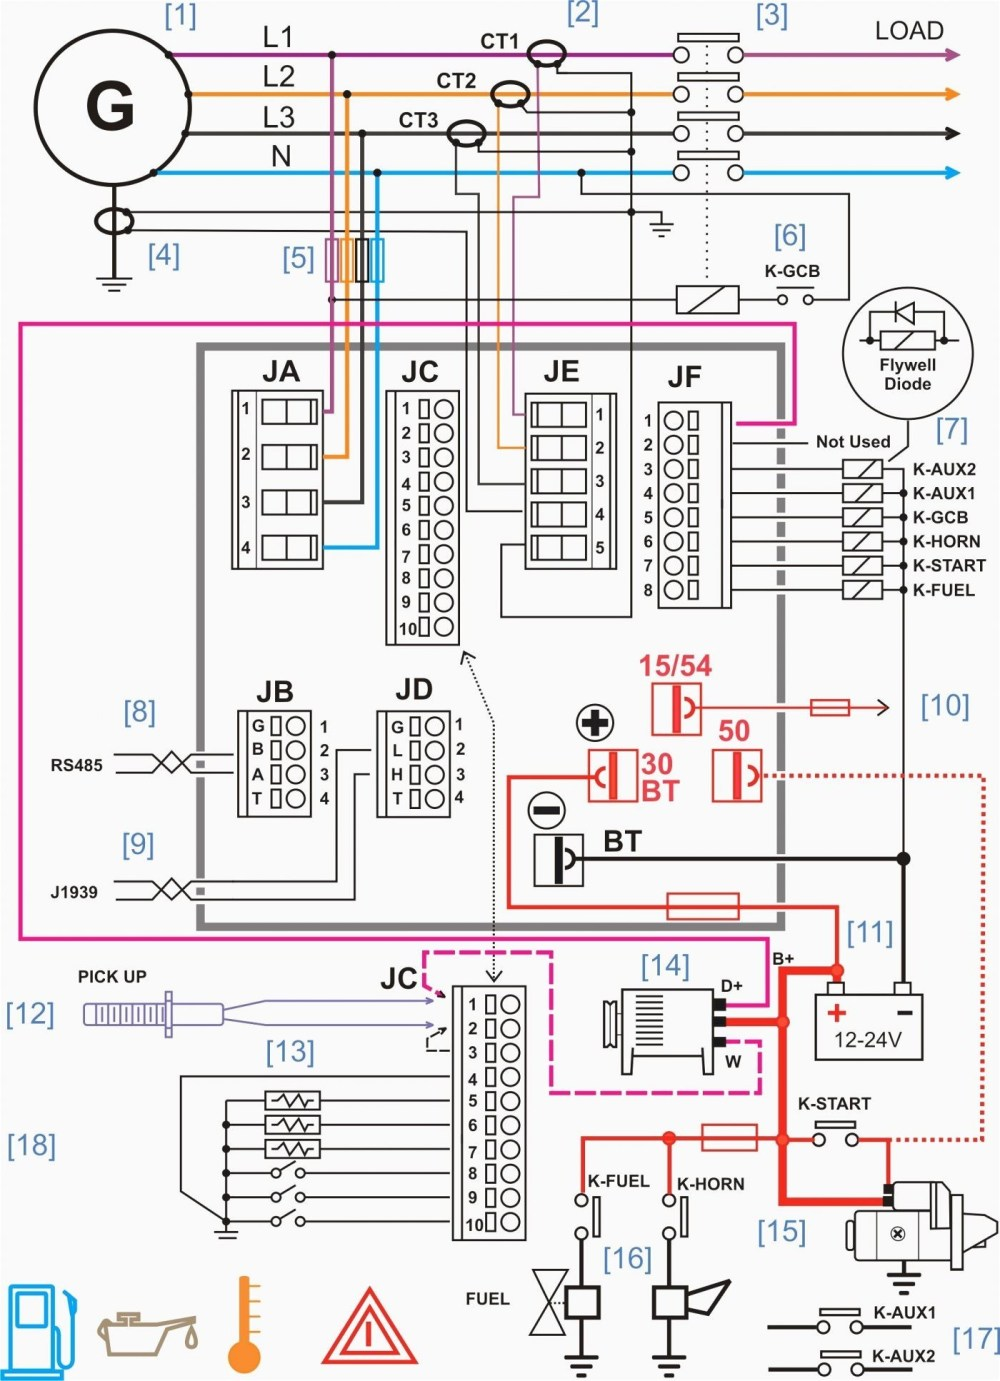 medium resolution of dodge ram 1500 parts diagram dodge ram oem parts diagram of dodge ram 1500 parts diagram